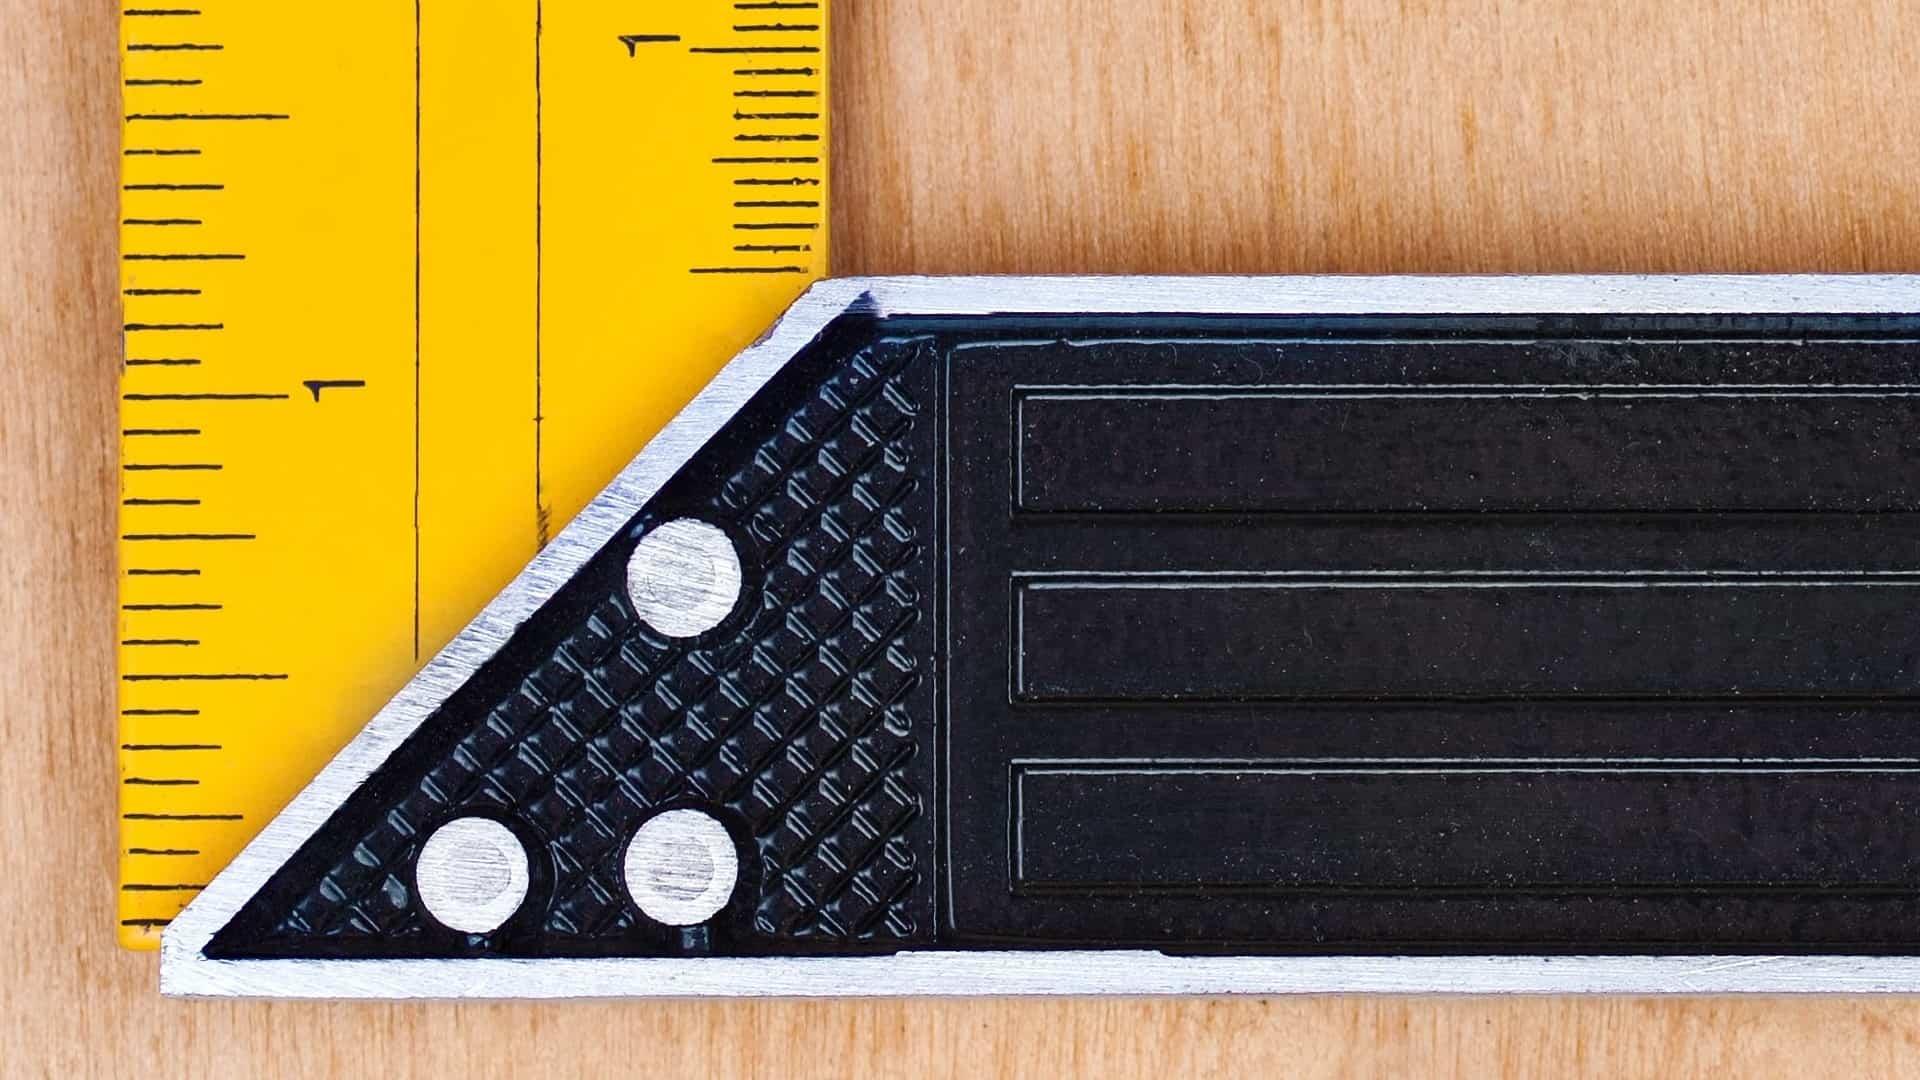 Medição com um esquadro